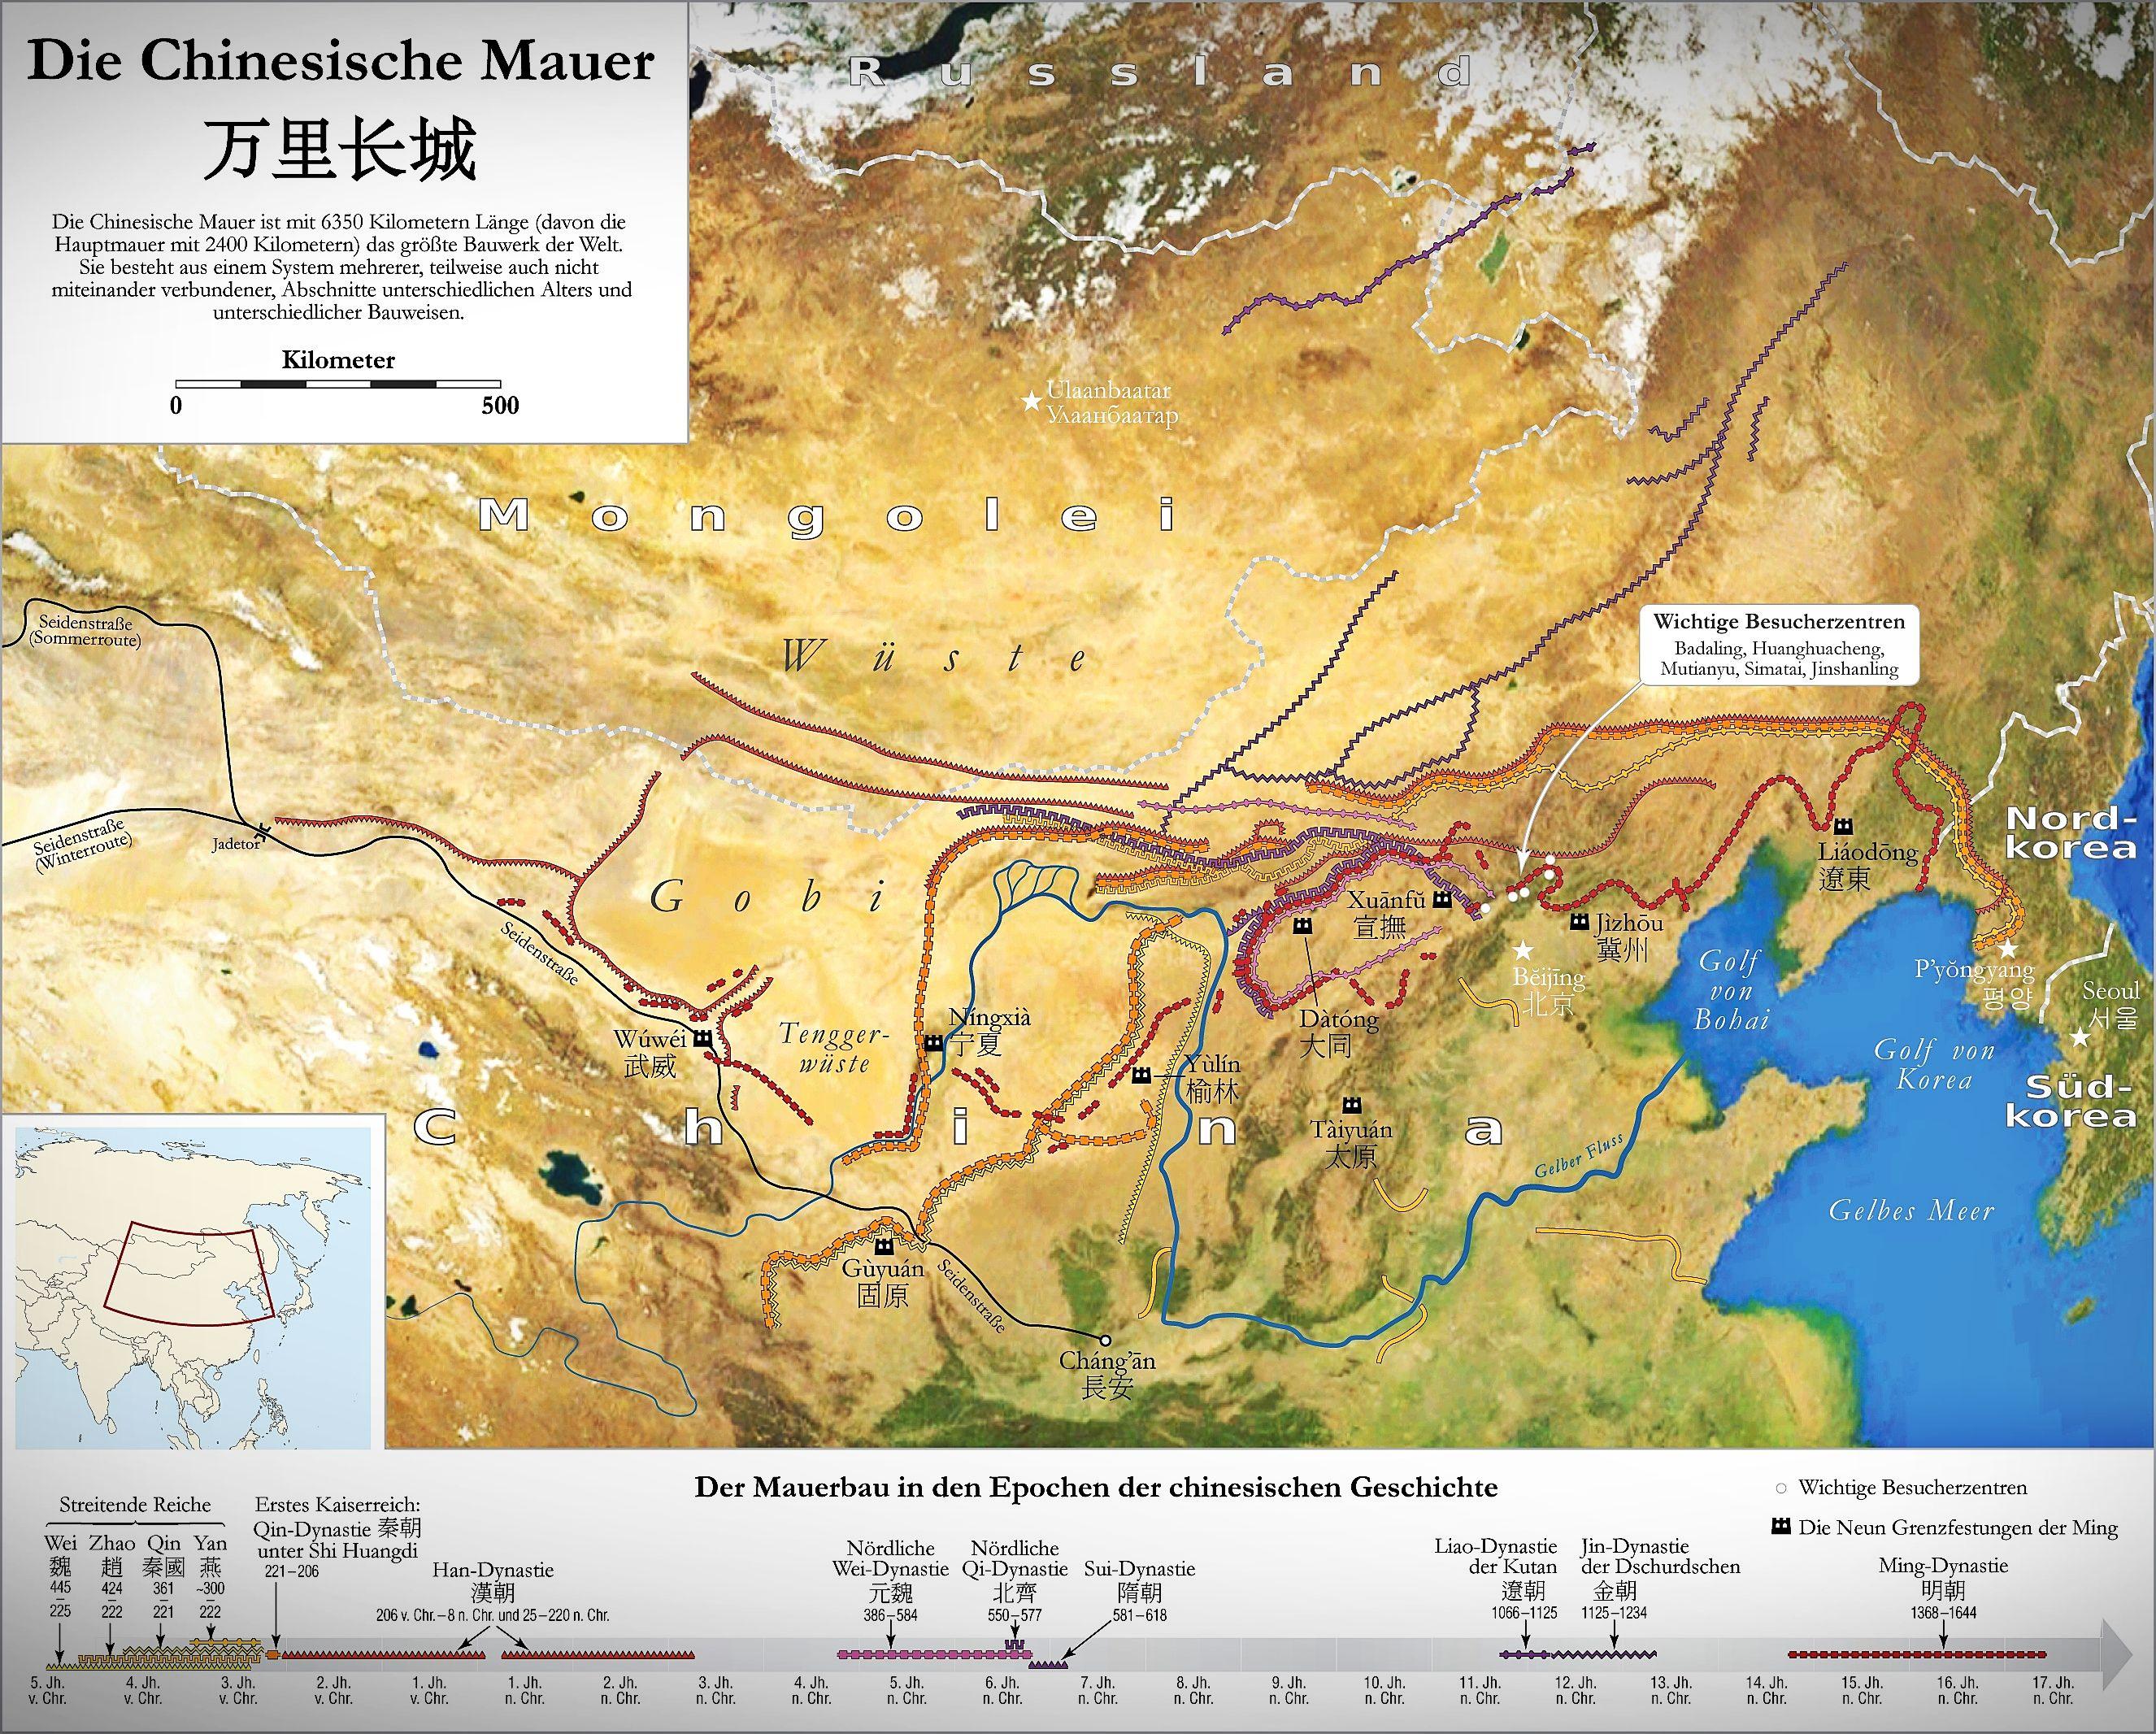 Die Chinesische Mauer Ist Ein System Historischer Grenzbefestigung